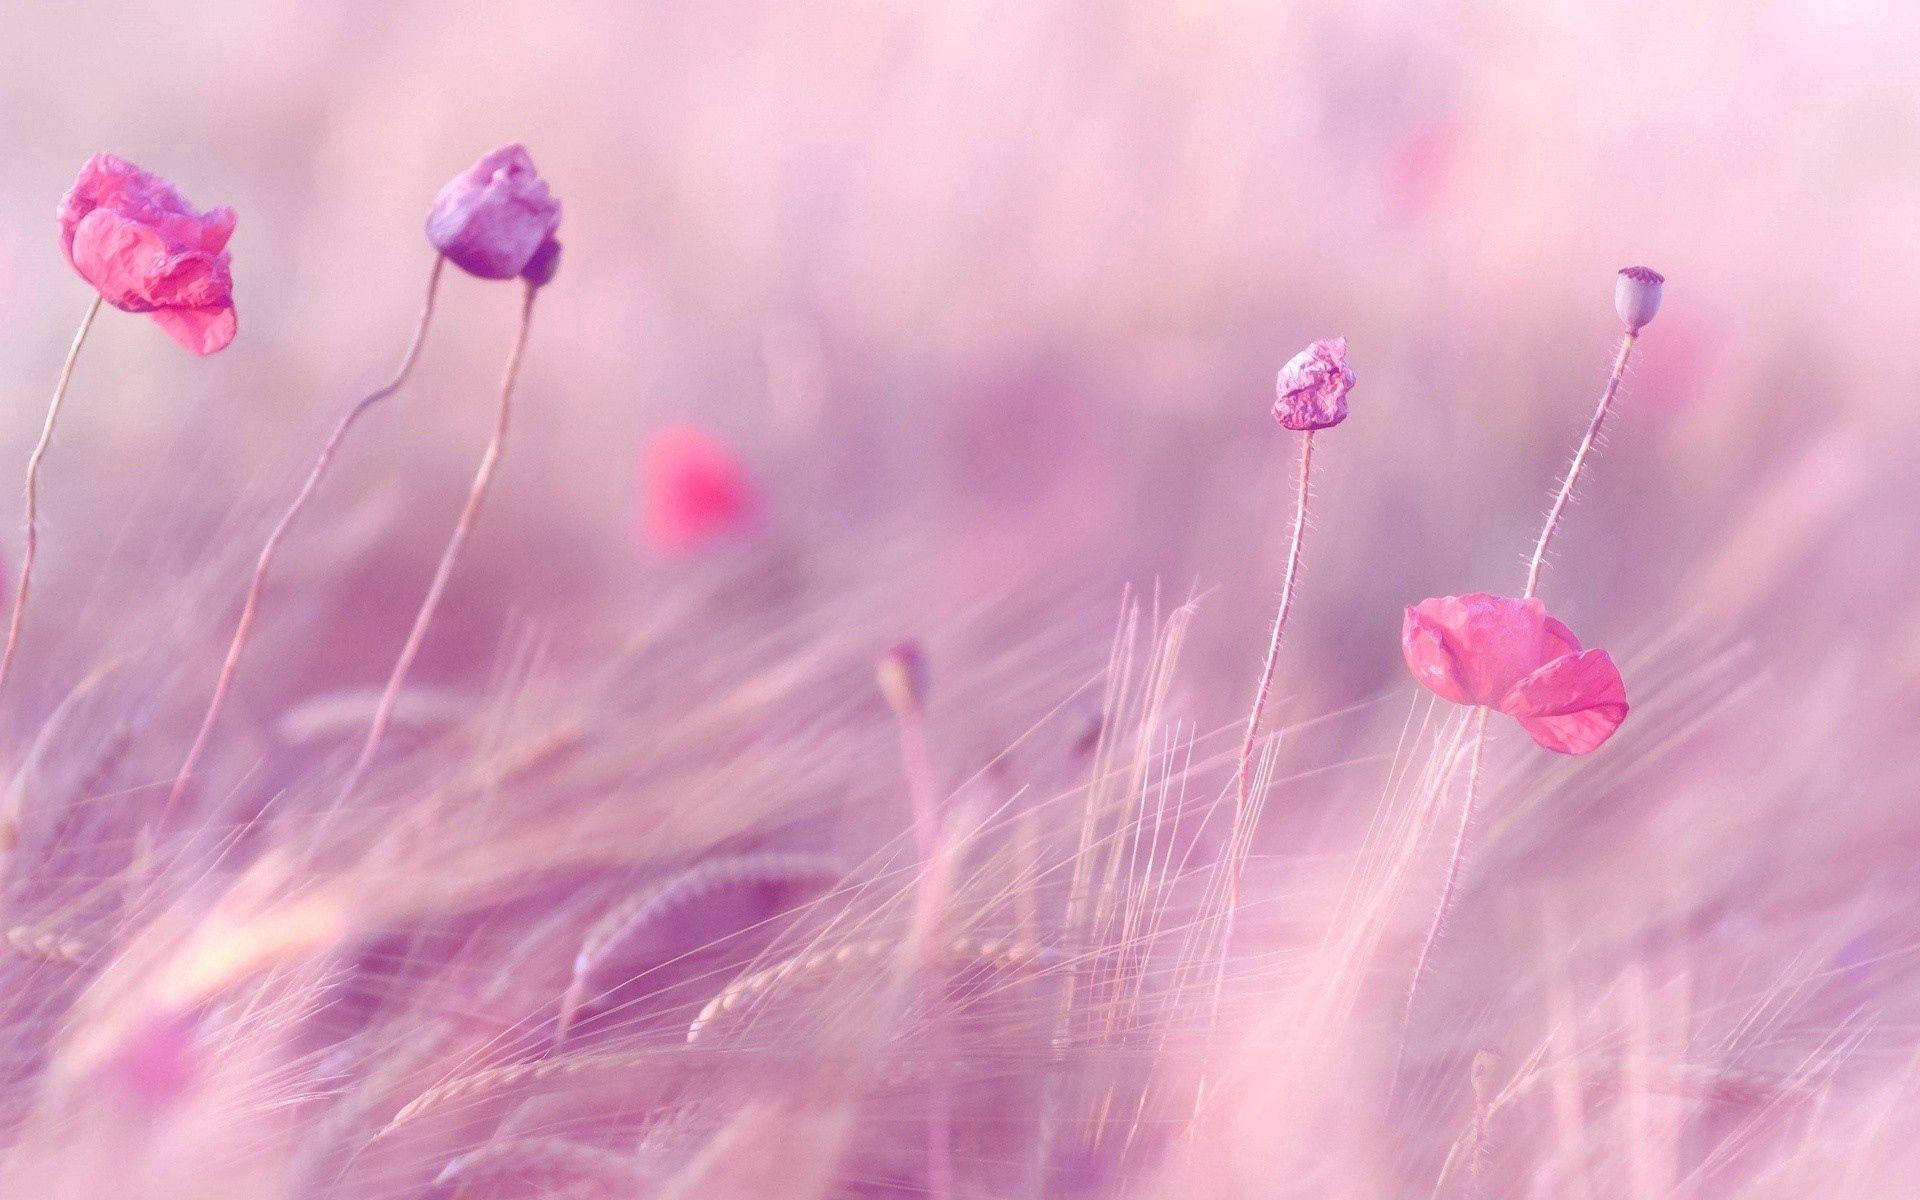 139743 скачать обои Цветы, Поле, Маки, Размытость, Ветер, Пшеница - заставки и картинки бесплатно